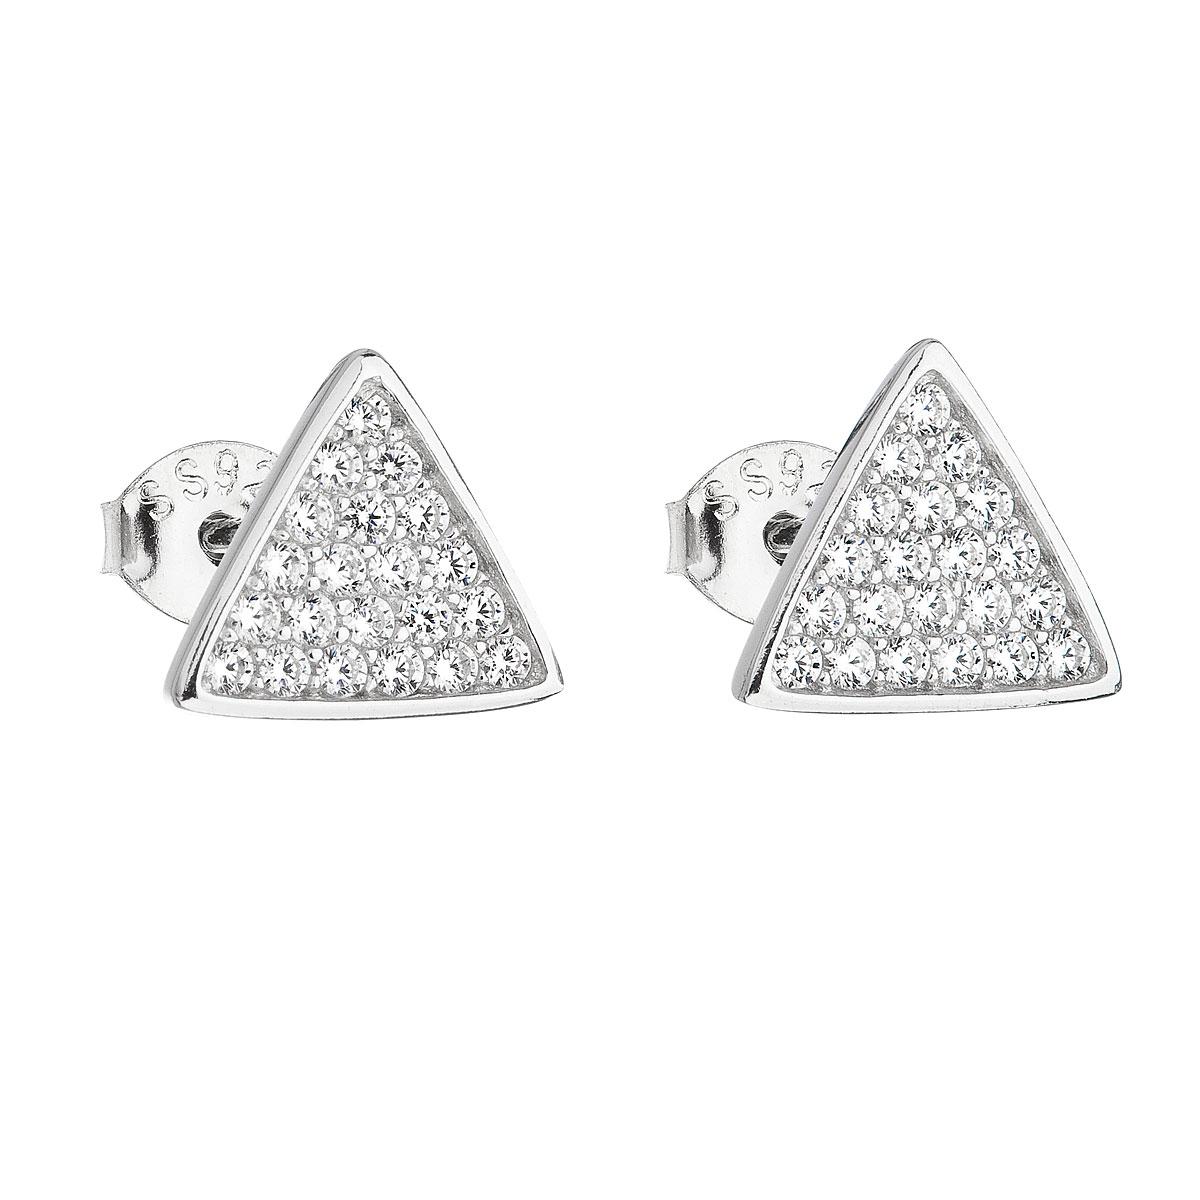 Strieborné náušnice kôstky so zirkónom biely trojuholník 11161.1